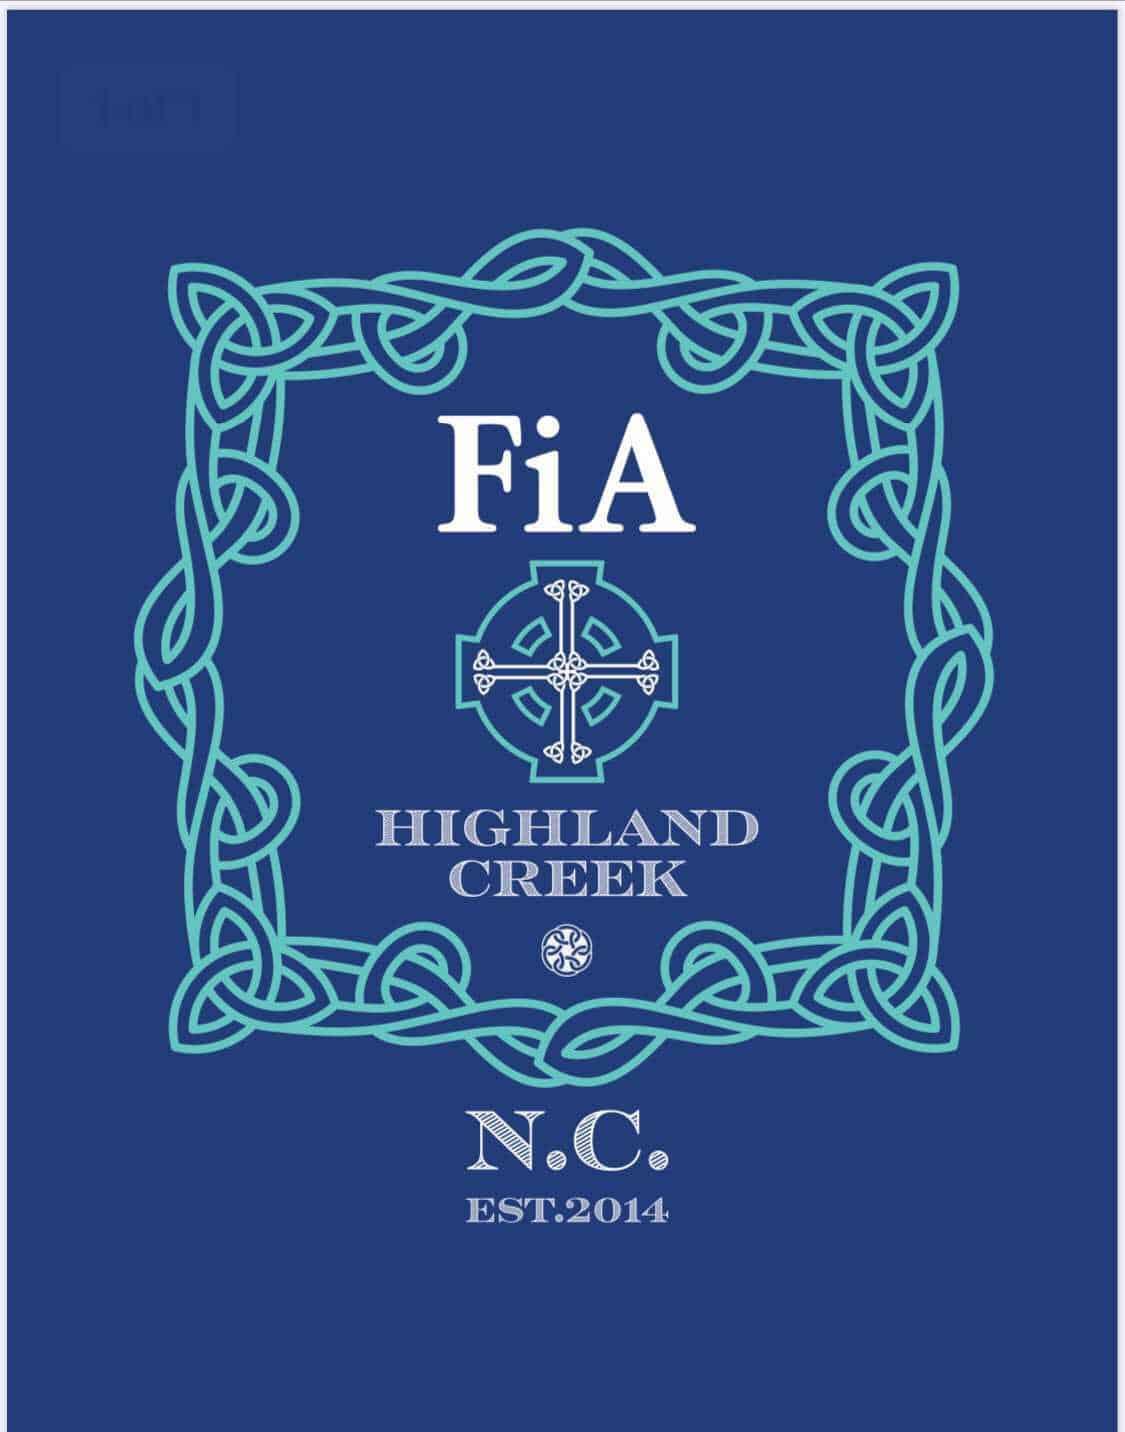 FiA Highland Creek